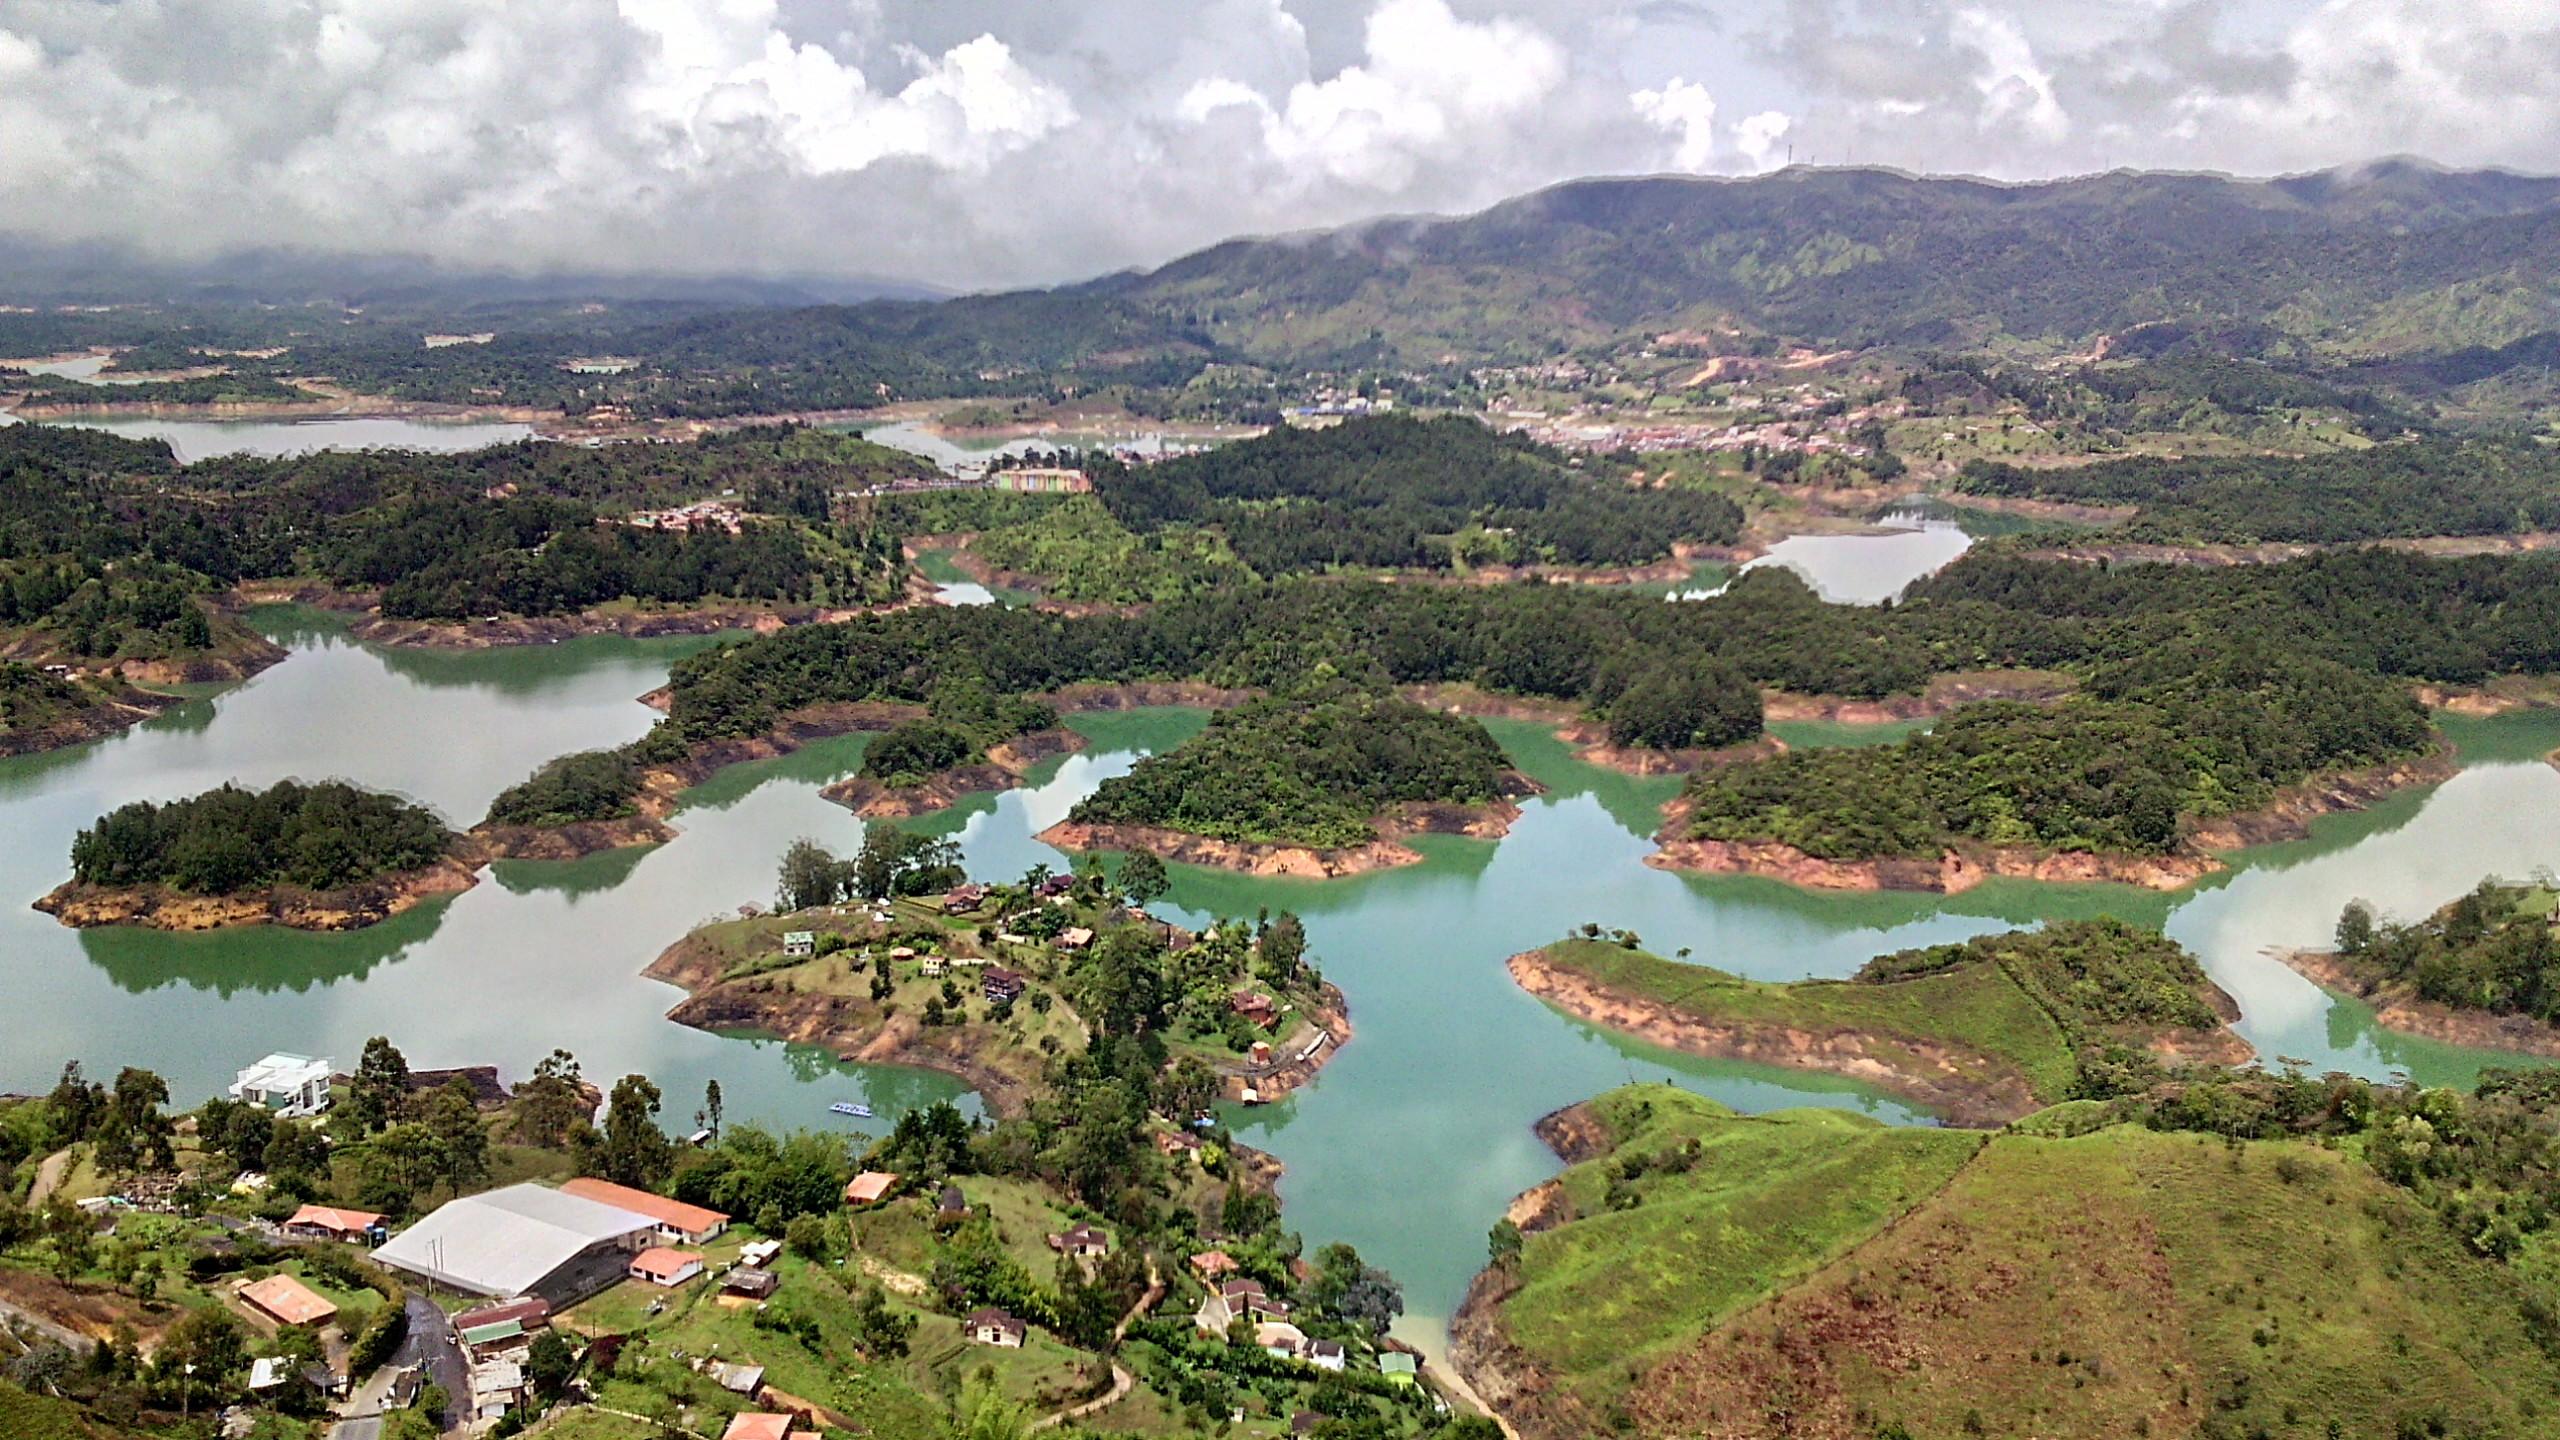 guatape-lago-2